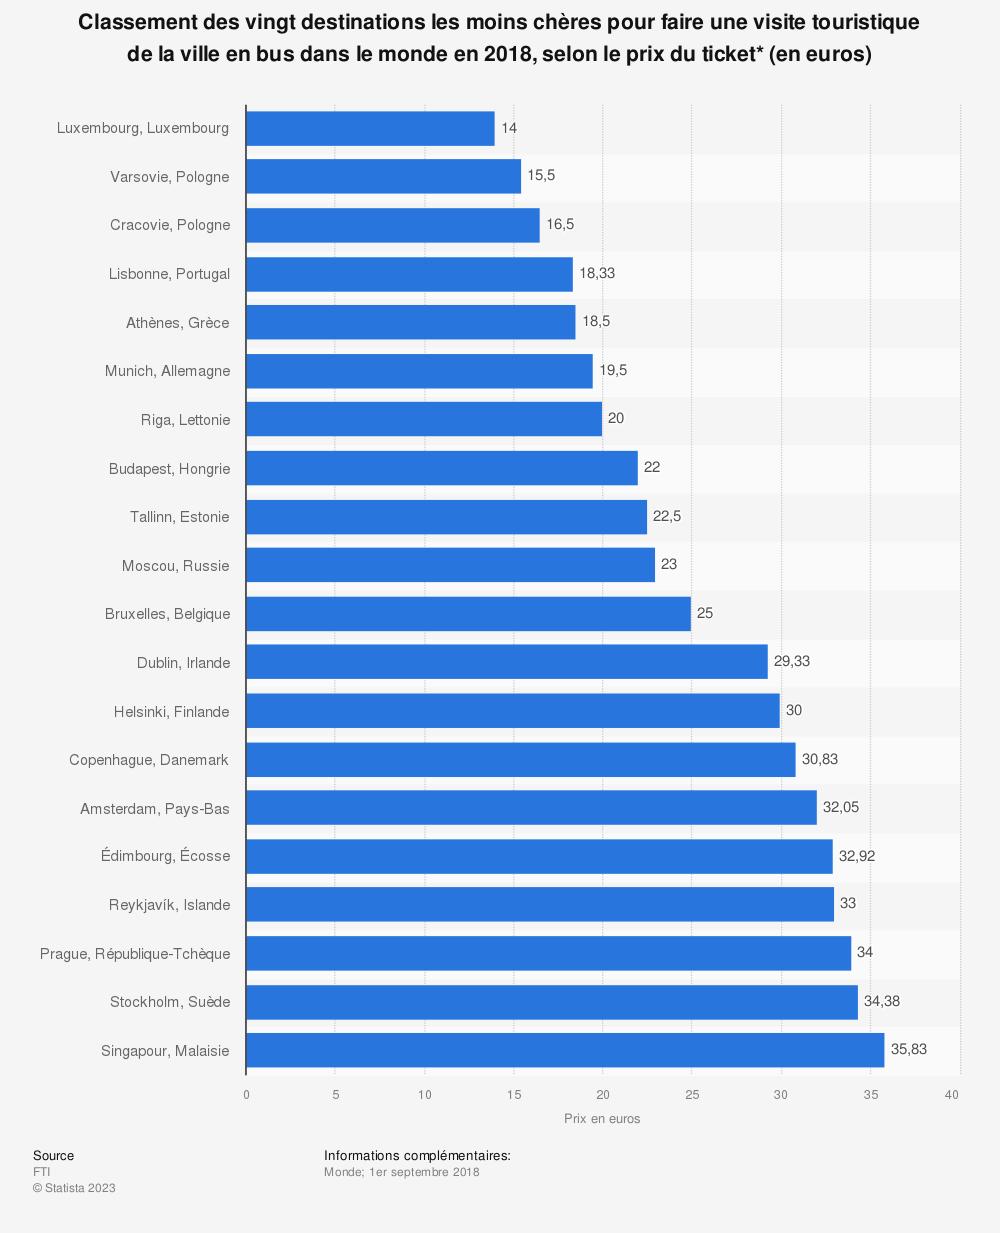 Statistique: Classement des vingt destinations les moins chères pour faire une visite touristique de la ville en bus dans le monde en 2018, selon le prix du ticket* (en euros) | Statista